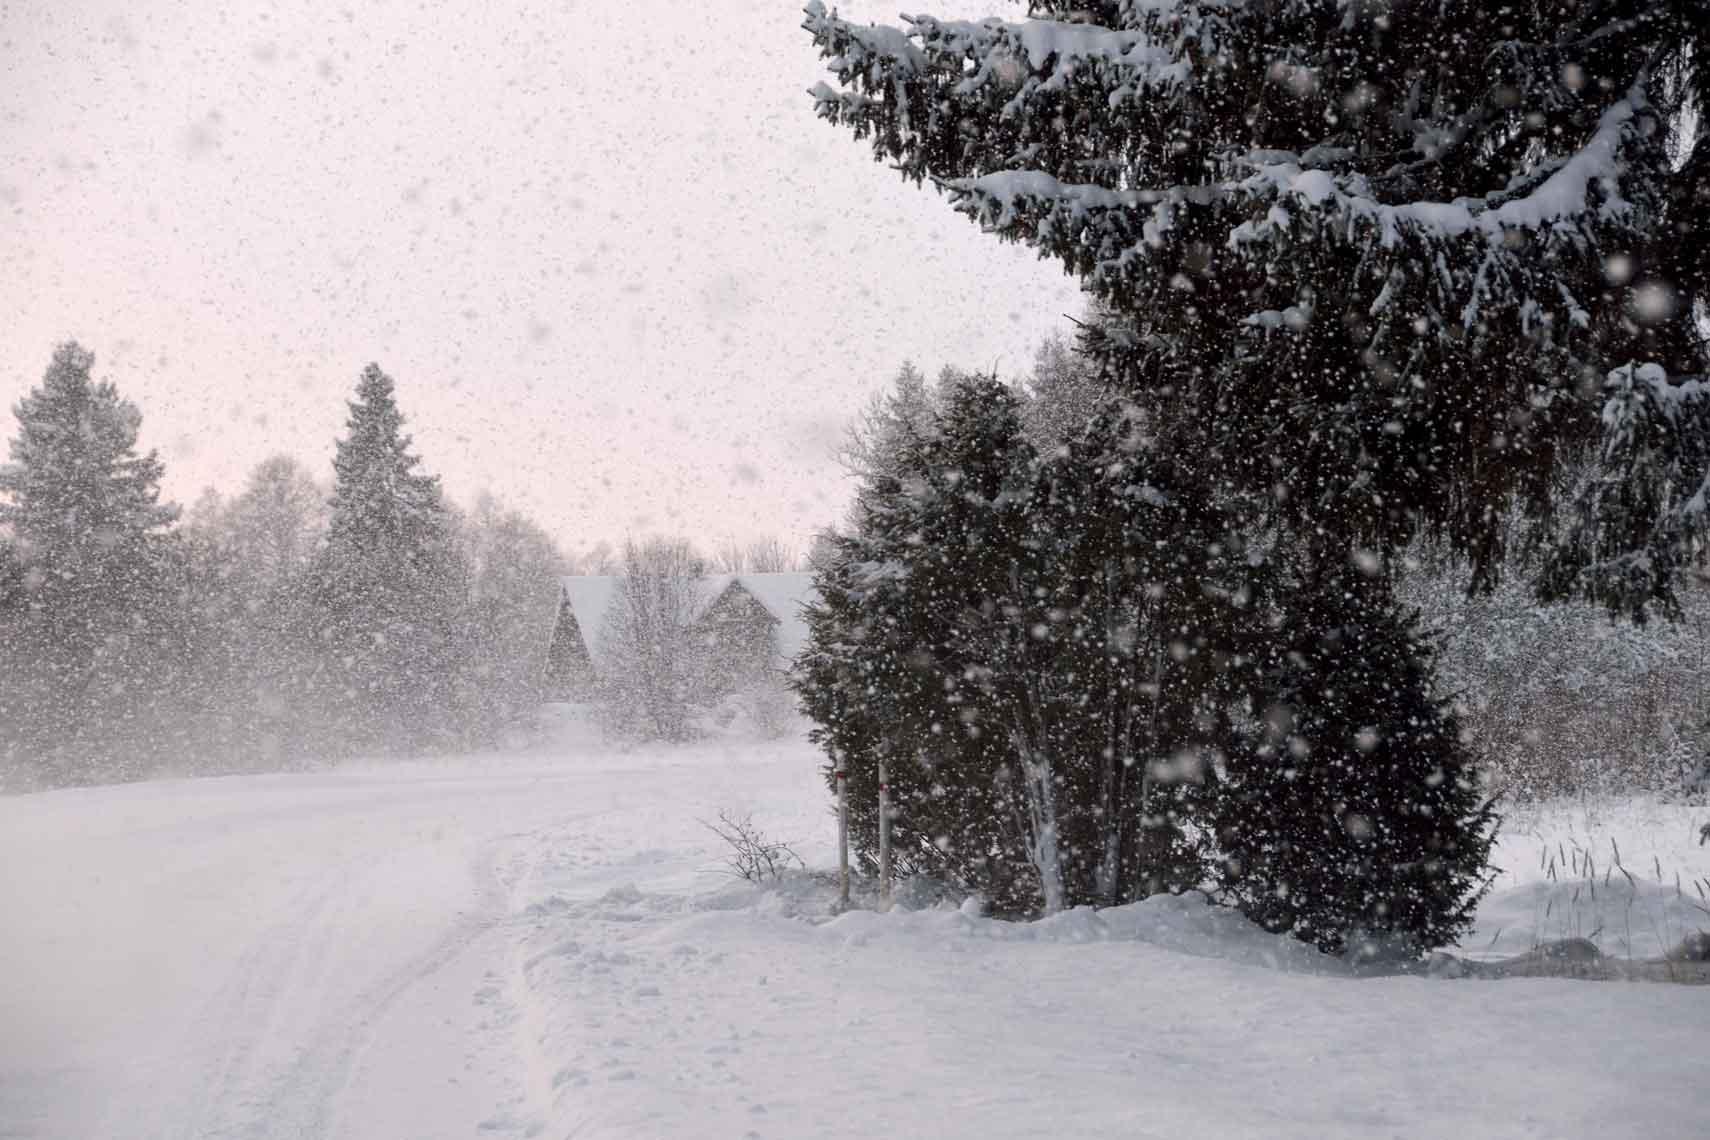 beautiful winter image